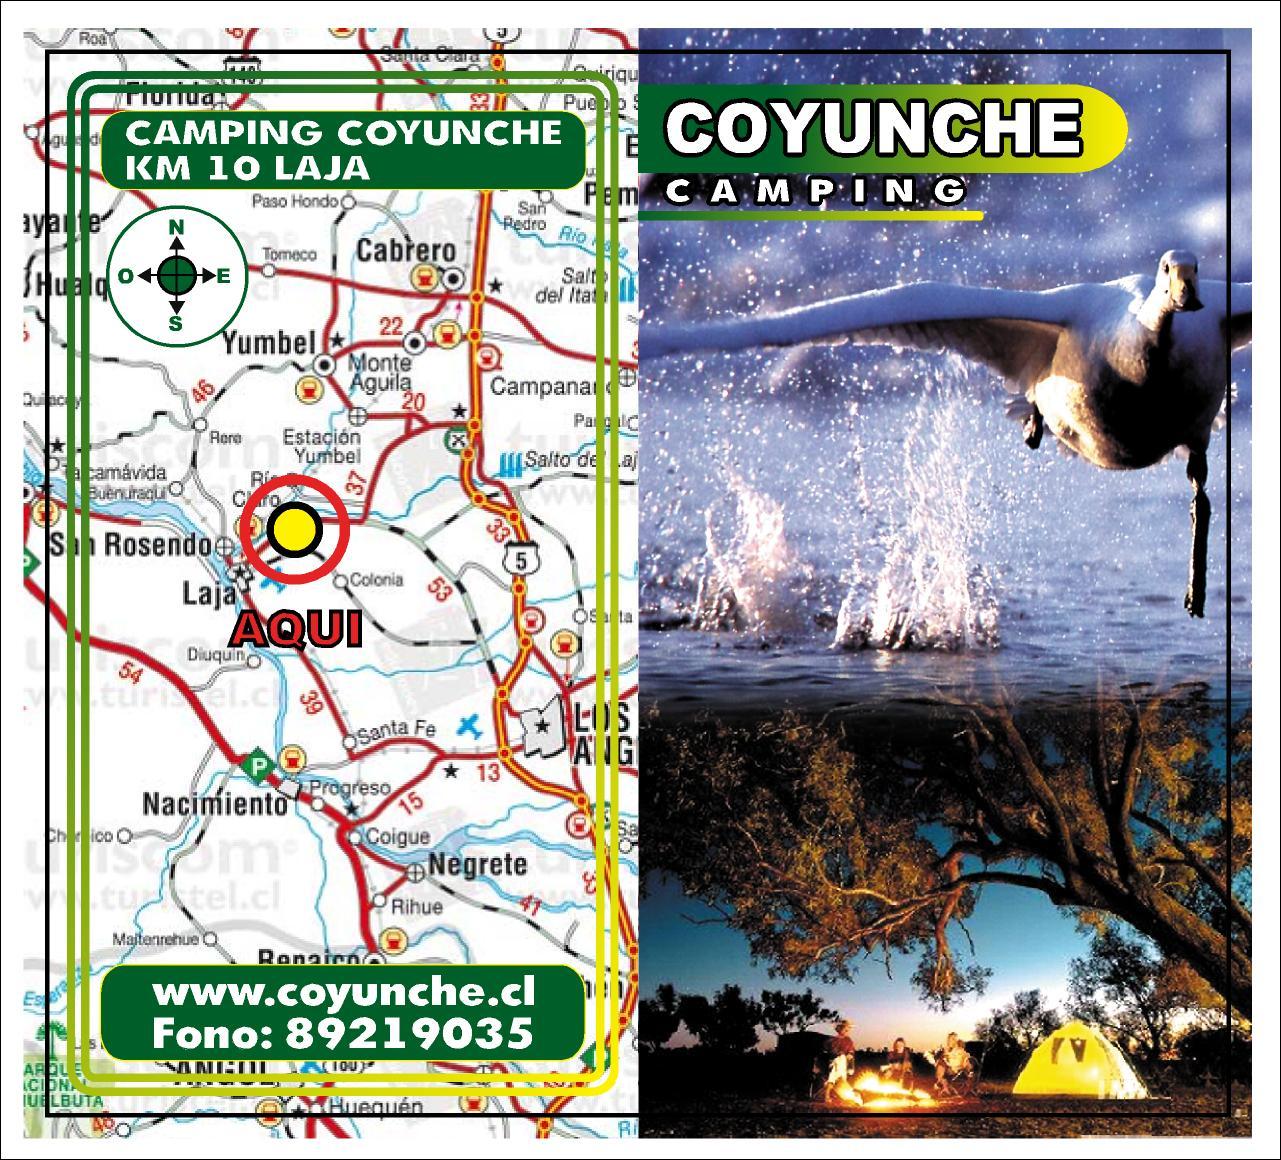 www.coyunche.cl Aventura Familiar Camping y Cabaña